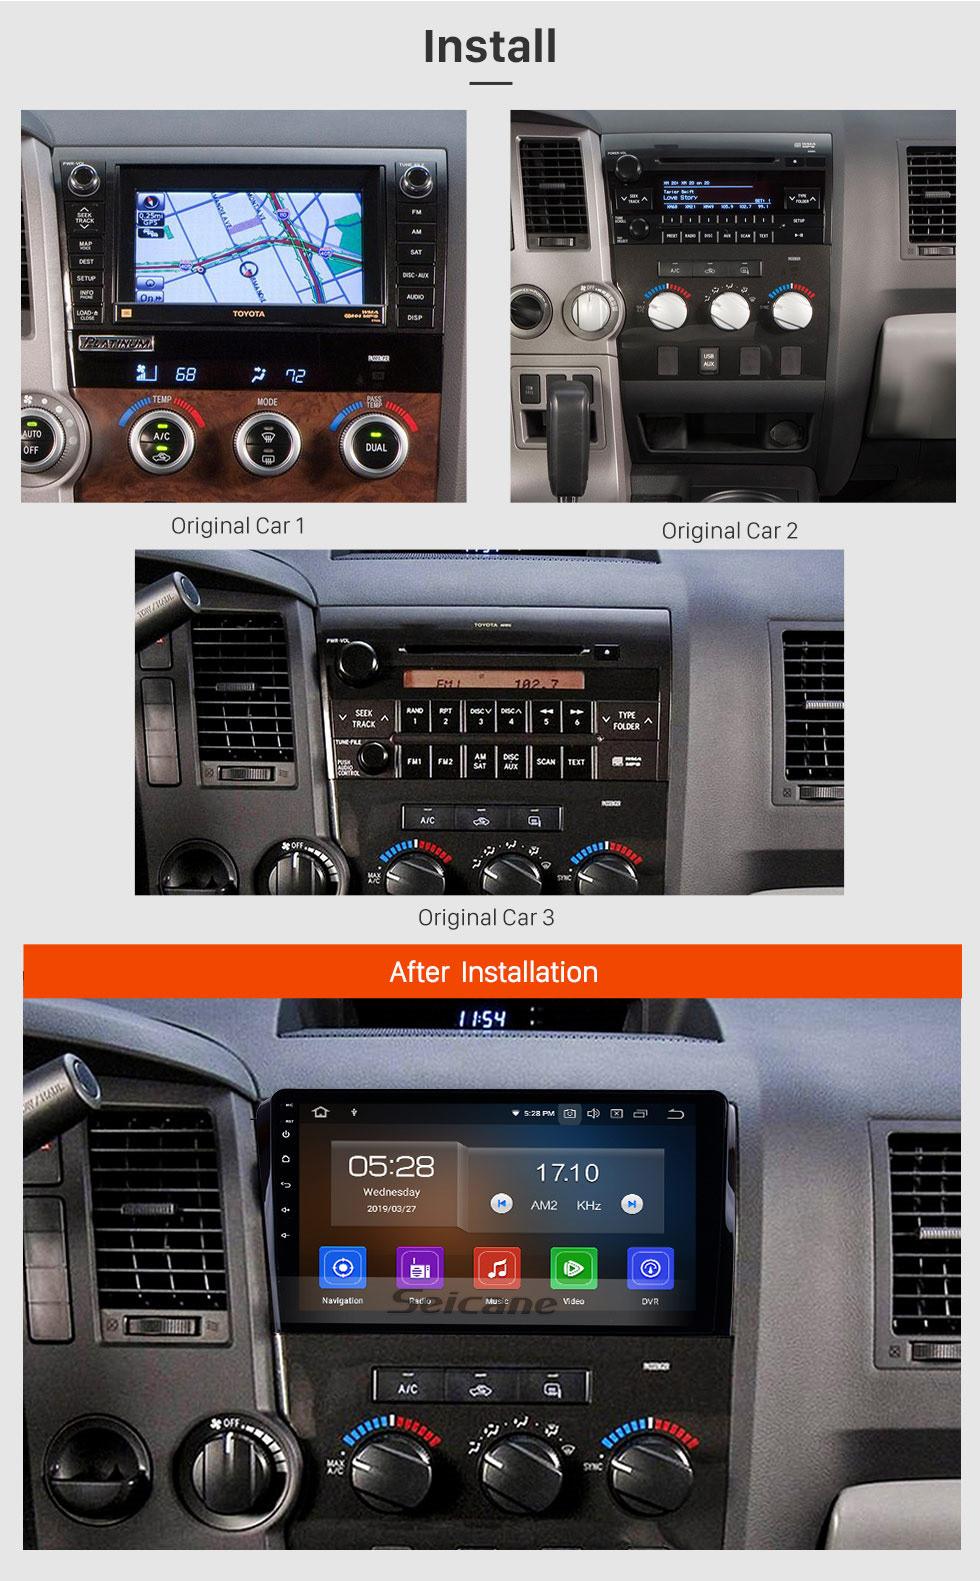 Seicane 10,1-дюймовый Android 10.0 2006-2014 Toyota Sequoia GPS навигационная система Поддержка Радио IPS Полный экран 3G WiFi Bluetooth OBD2 Управление рулевого колеса